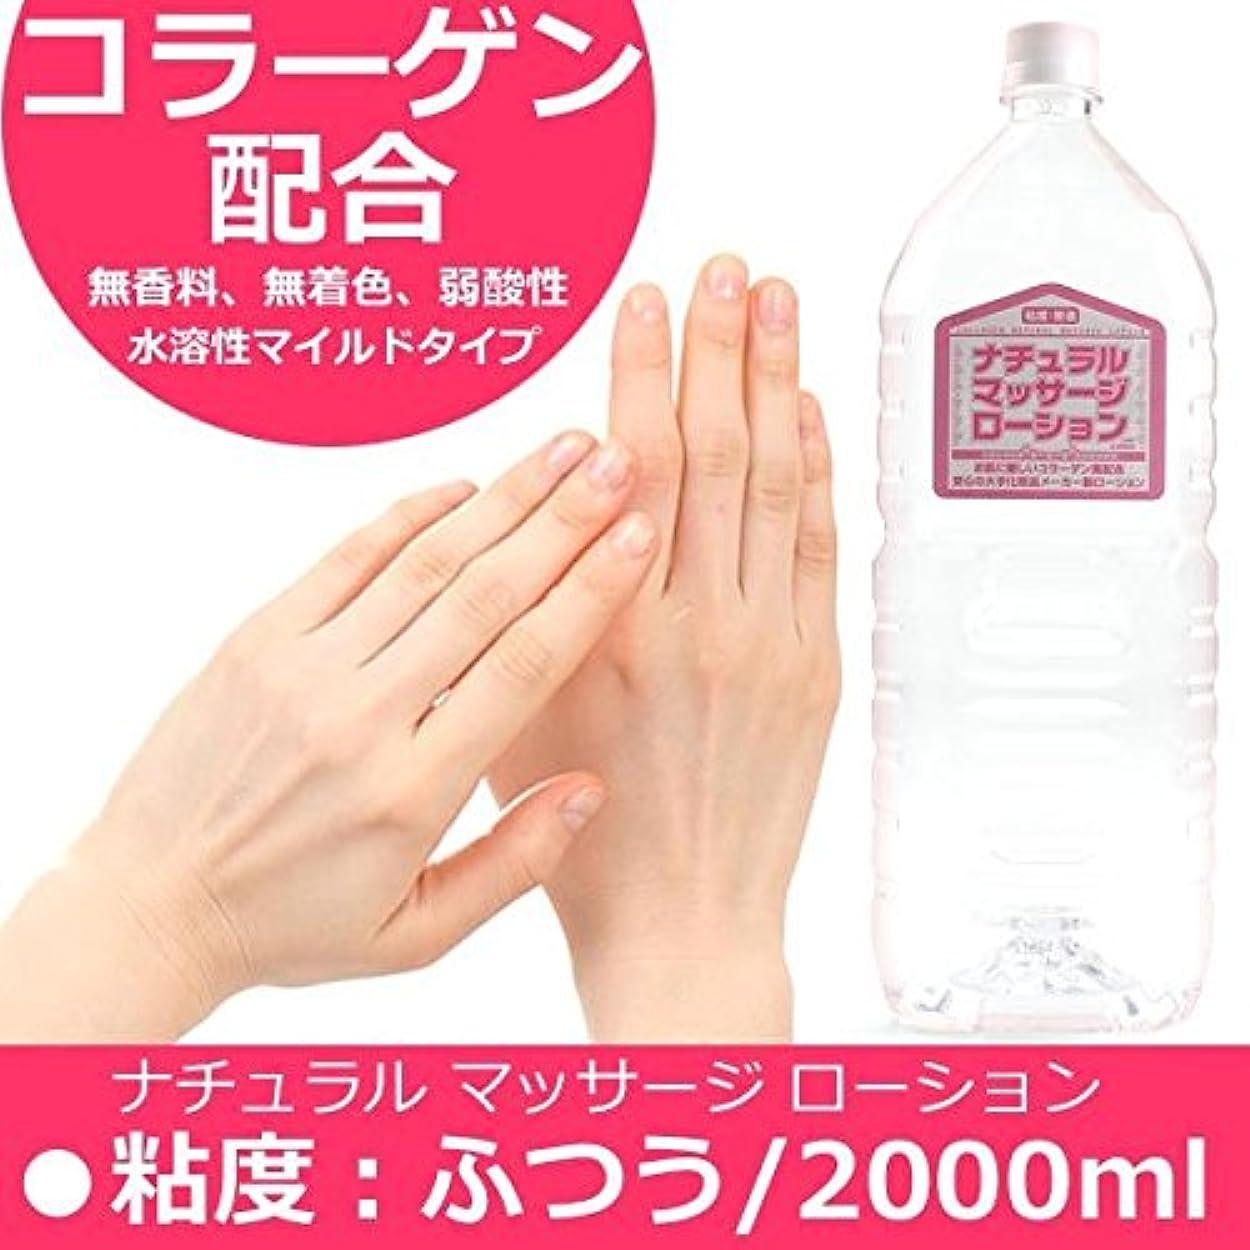 すべすべラブボディー【ナチュラルマッサージローション 2000ml】業務用の詰替えにも!!